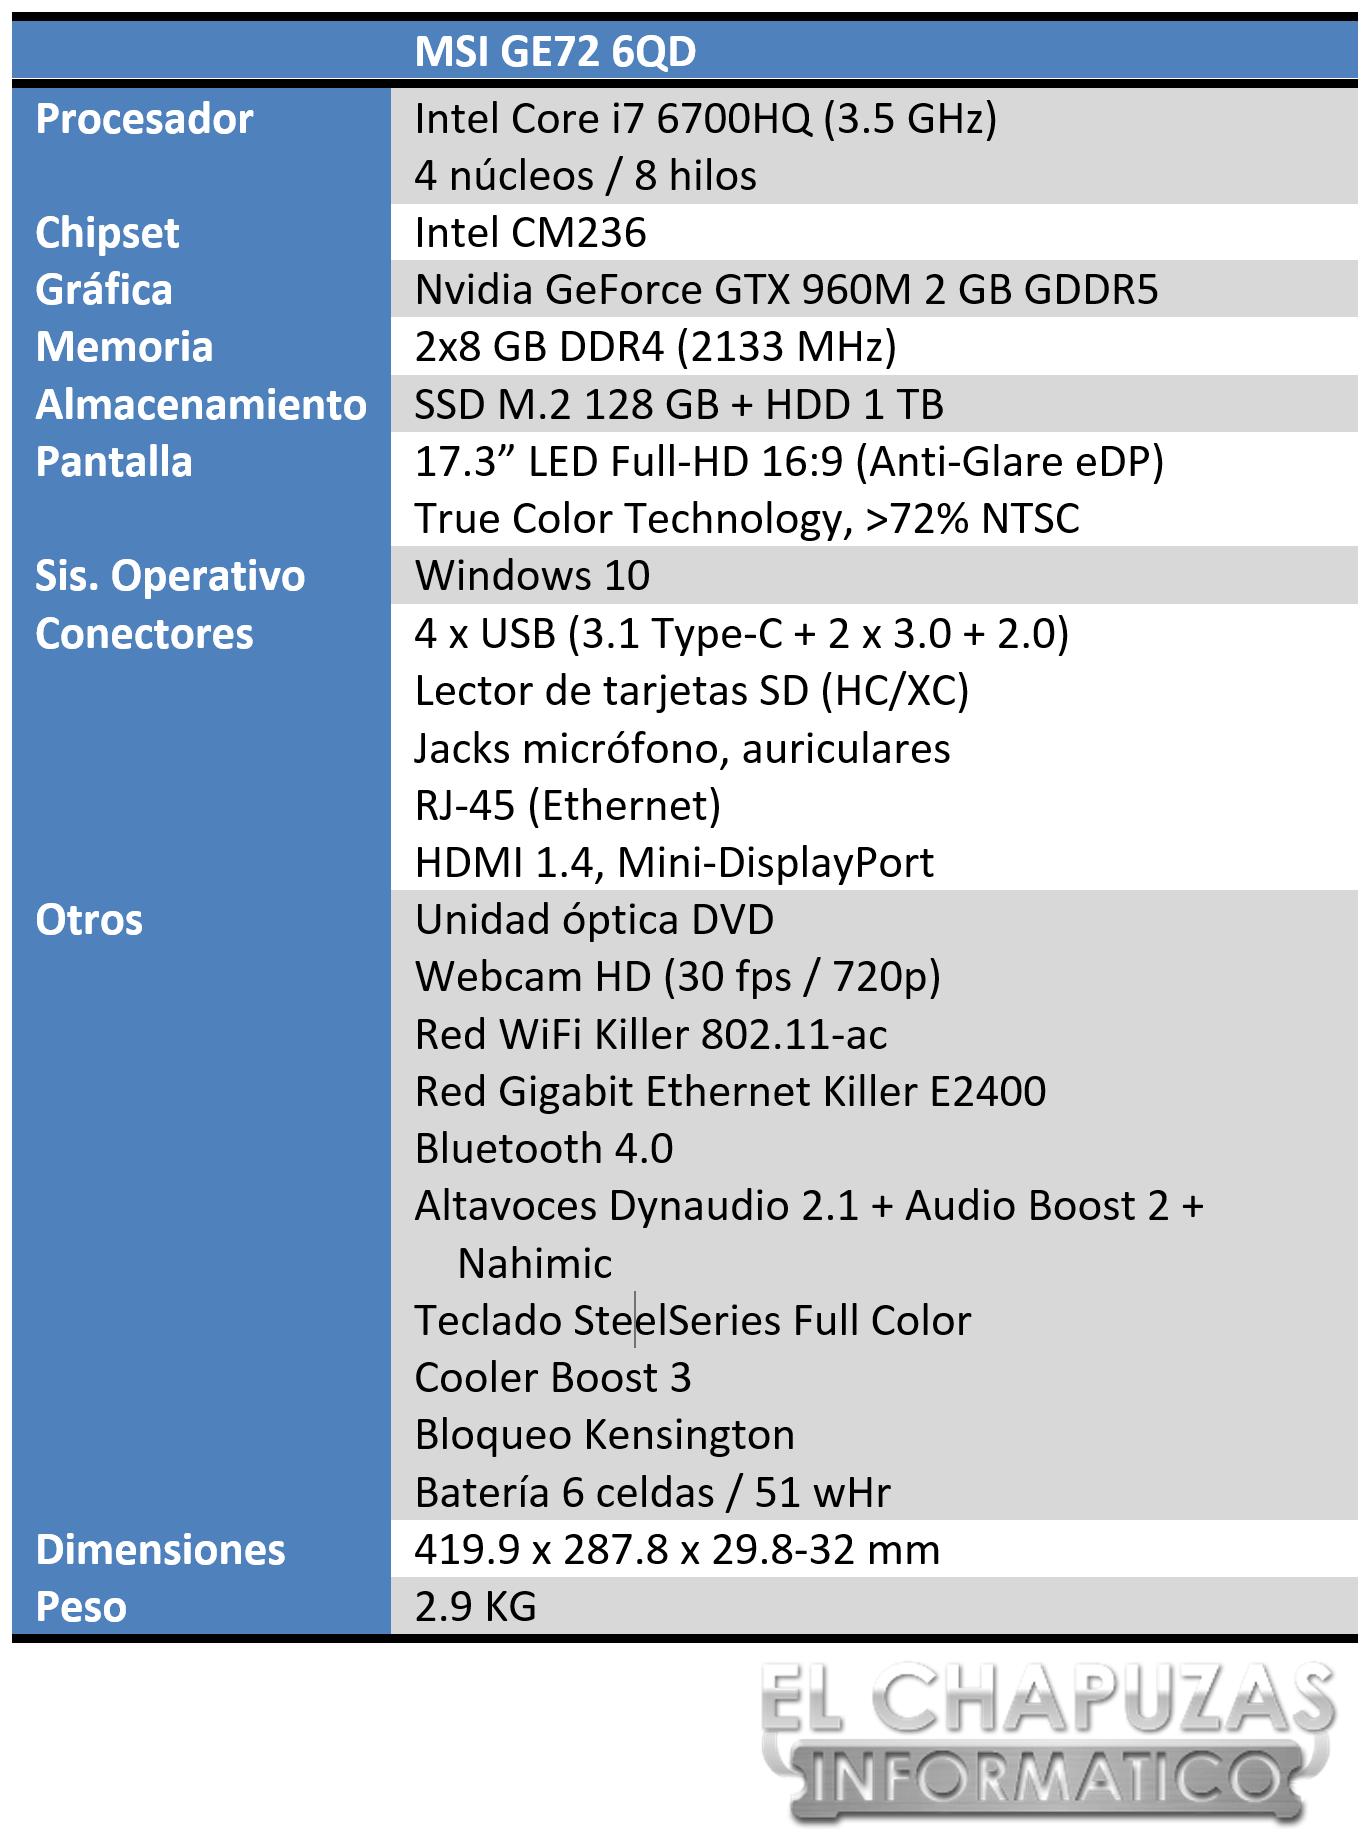 MSI GE72 6QD Especificaciones